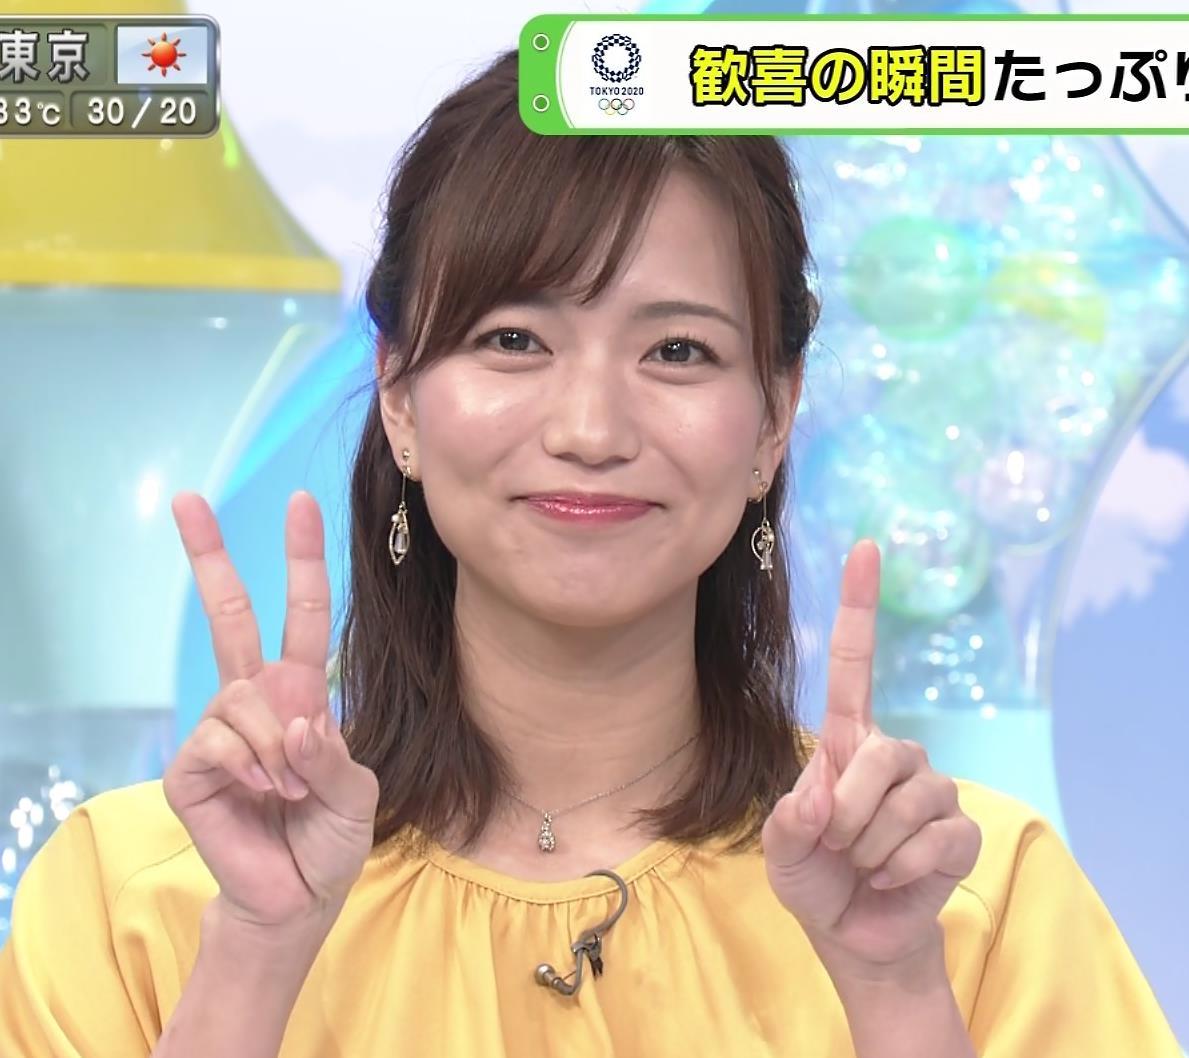 斎藤真美アナ 「おはよう朝日土曜日です」キャプ・エロ画像3